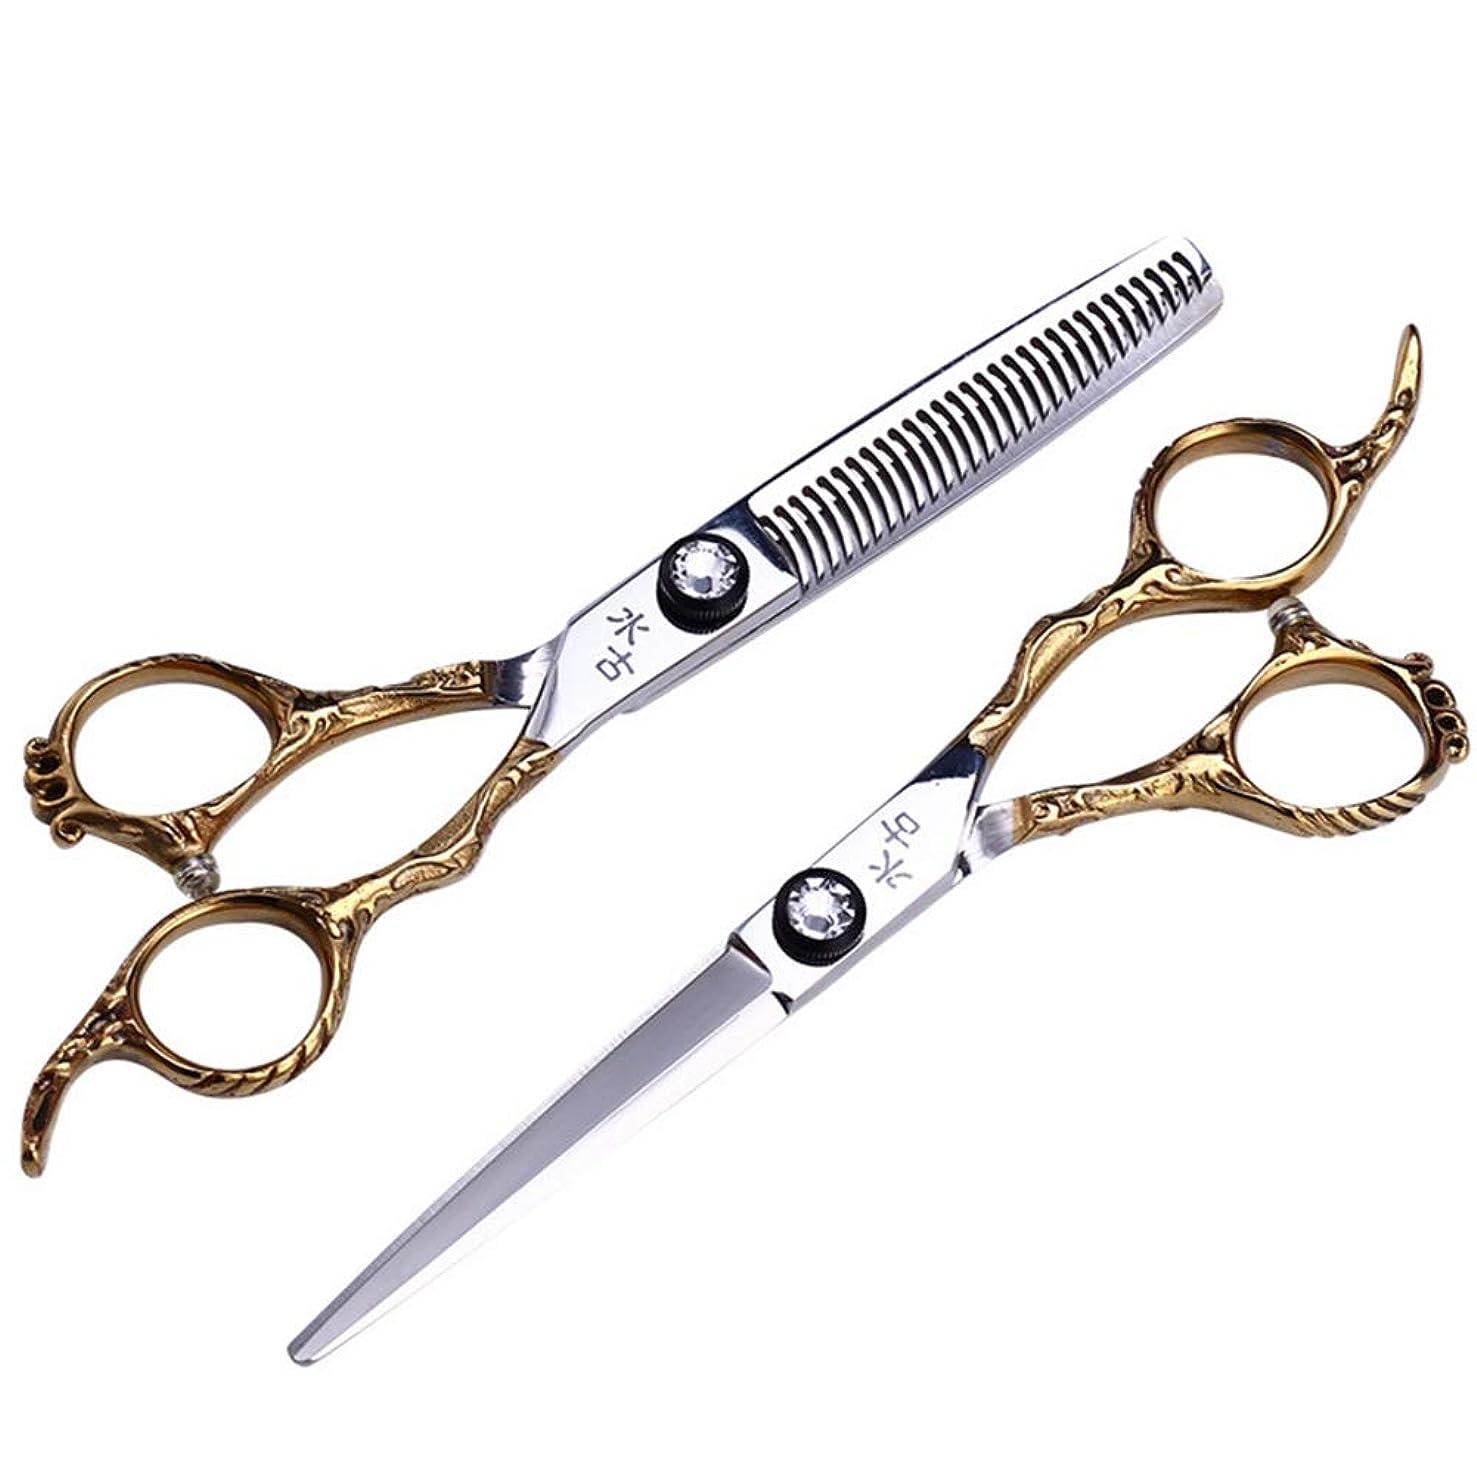 理髪はさみプロの髪はさみステンレス鋼の刃シャープスタイリングかみそり切断はさみと間伐はさみキット6.0